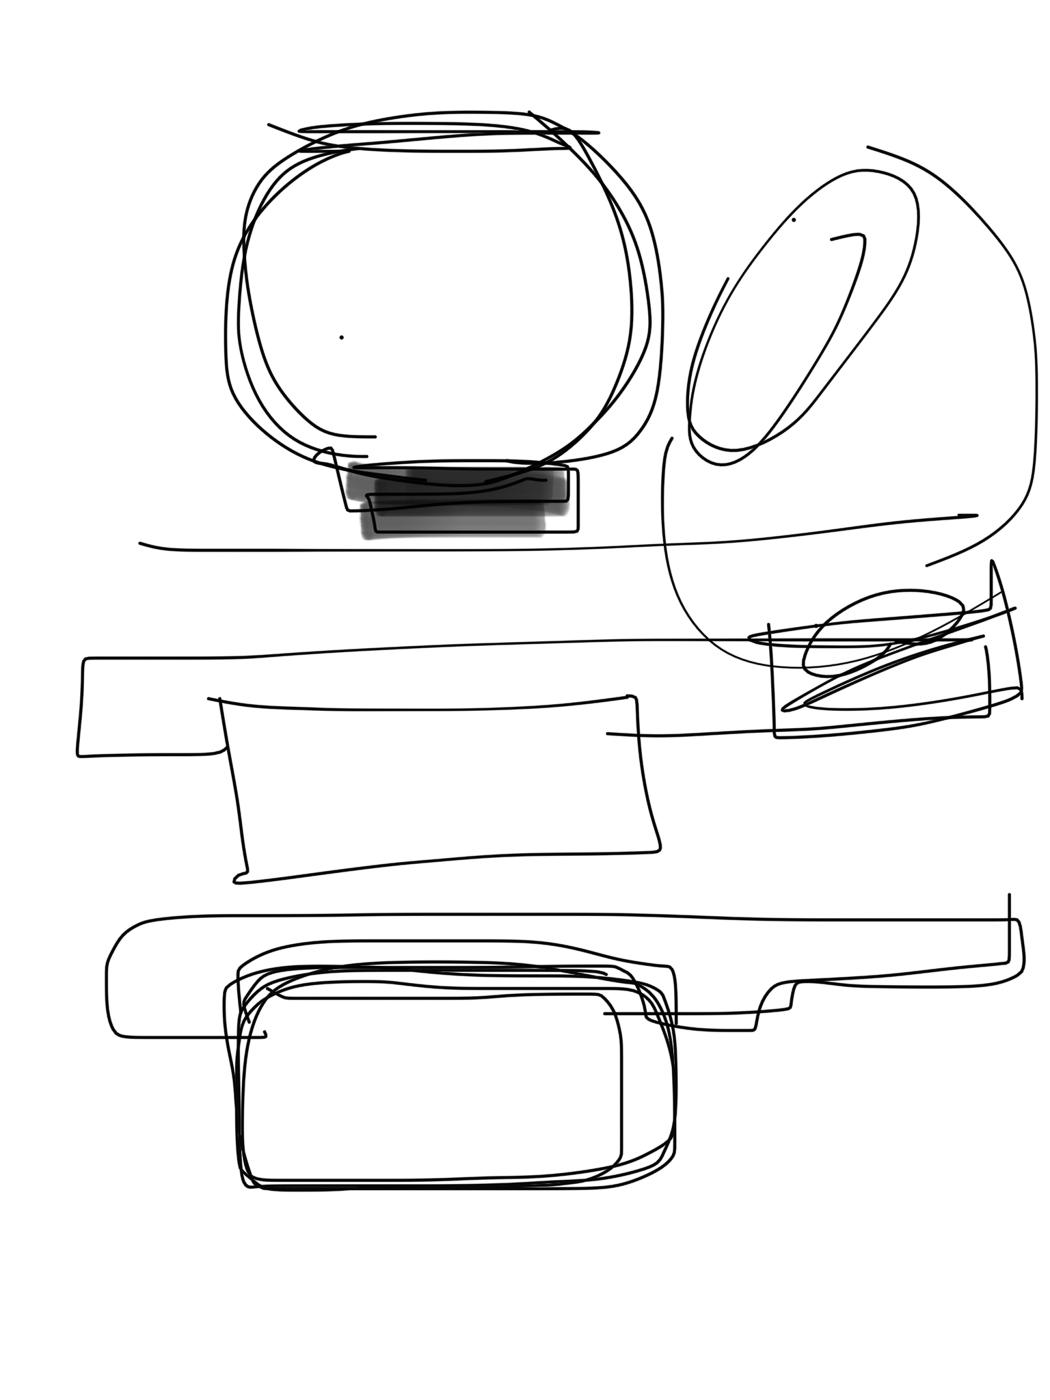 Sketch-330.jpg